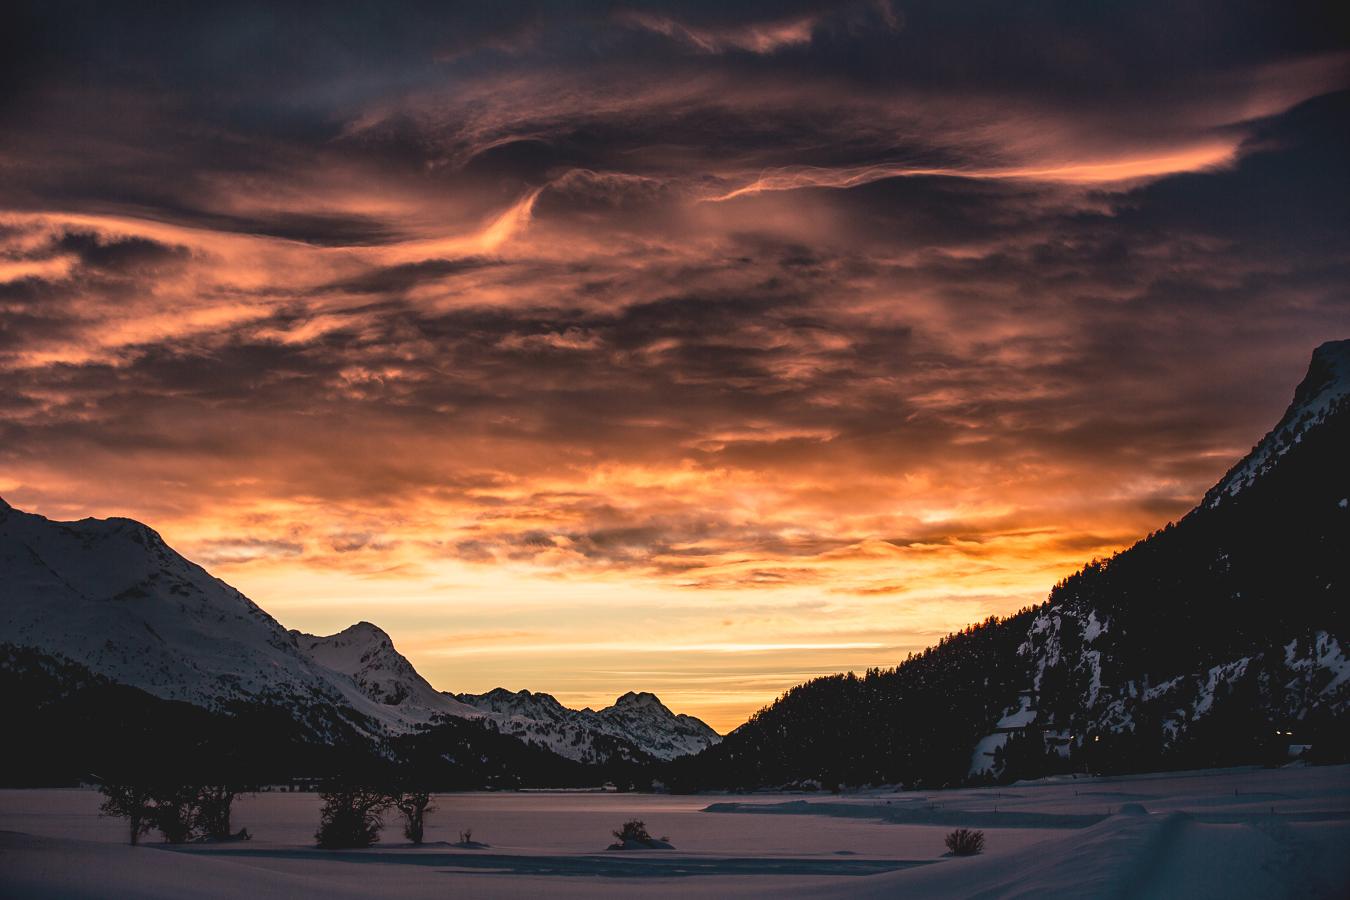 Sunset_StMoritz_SilvanoZeiter.jpg